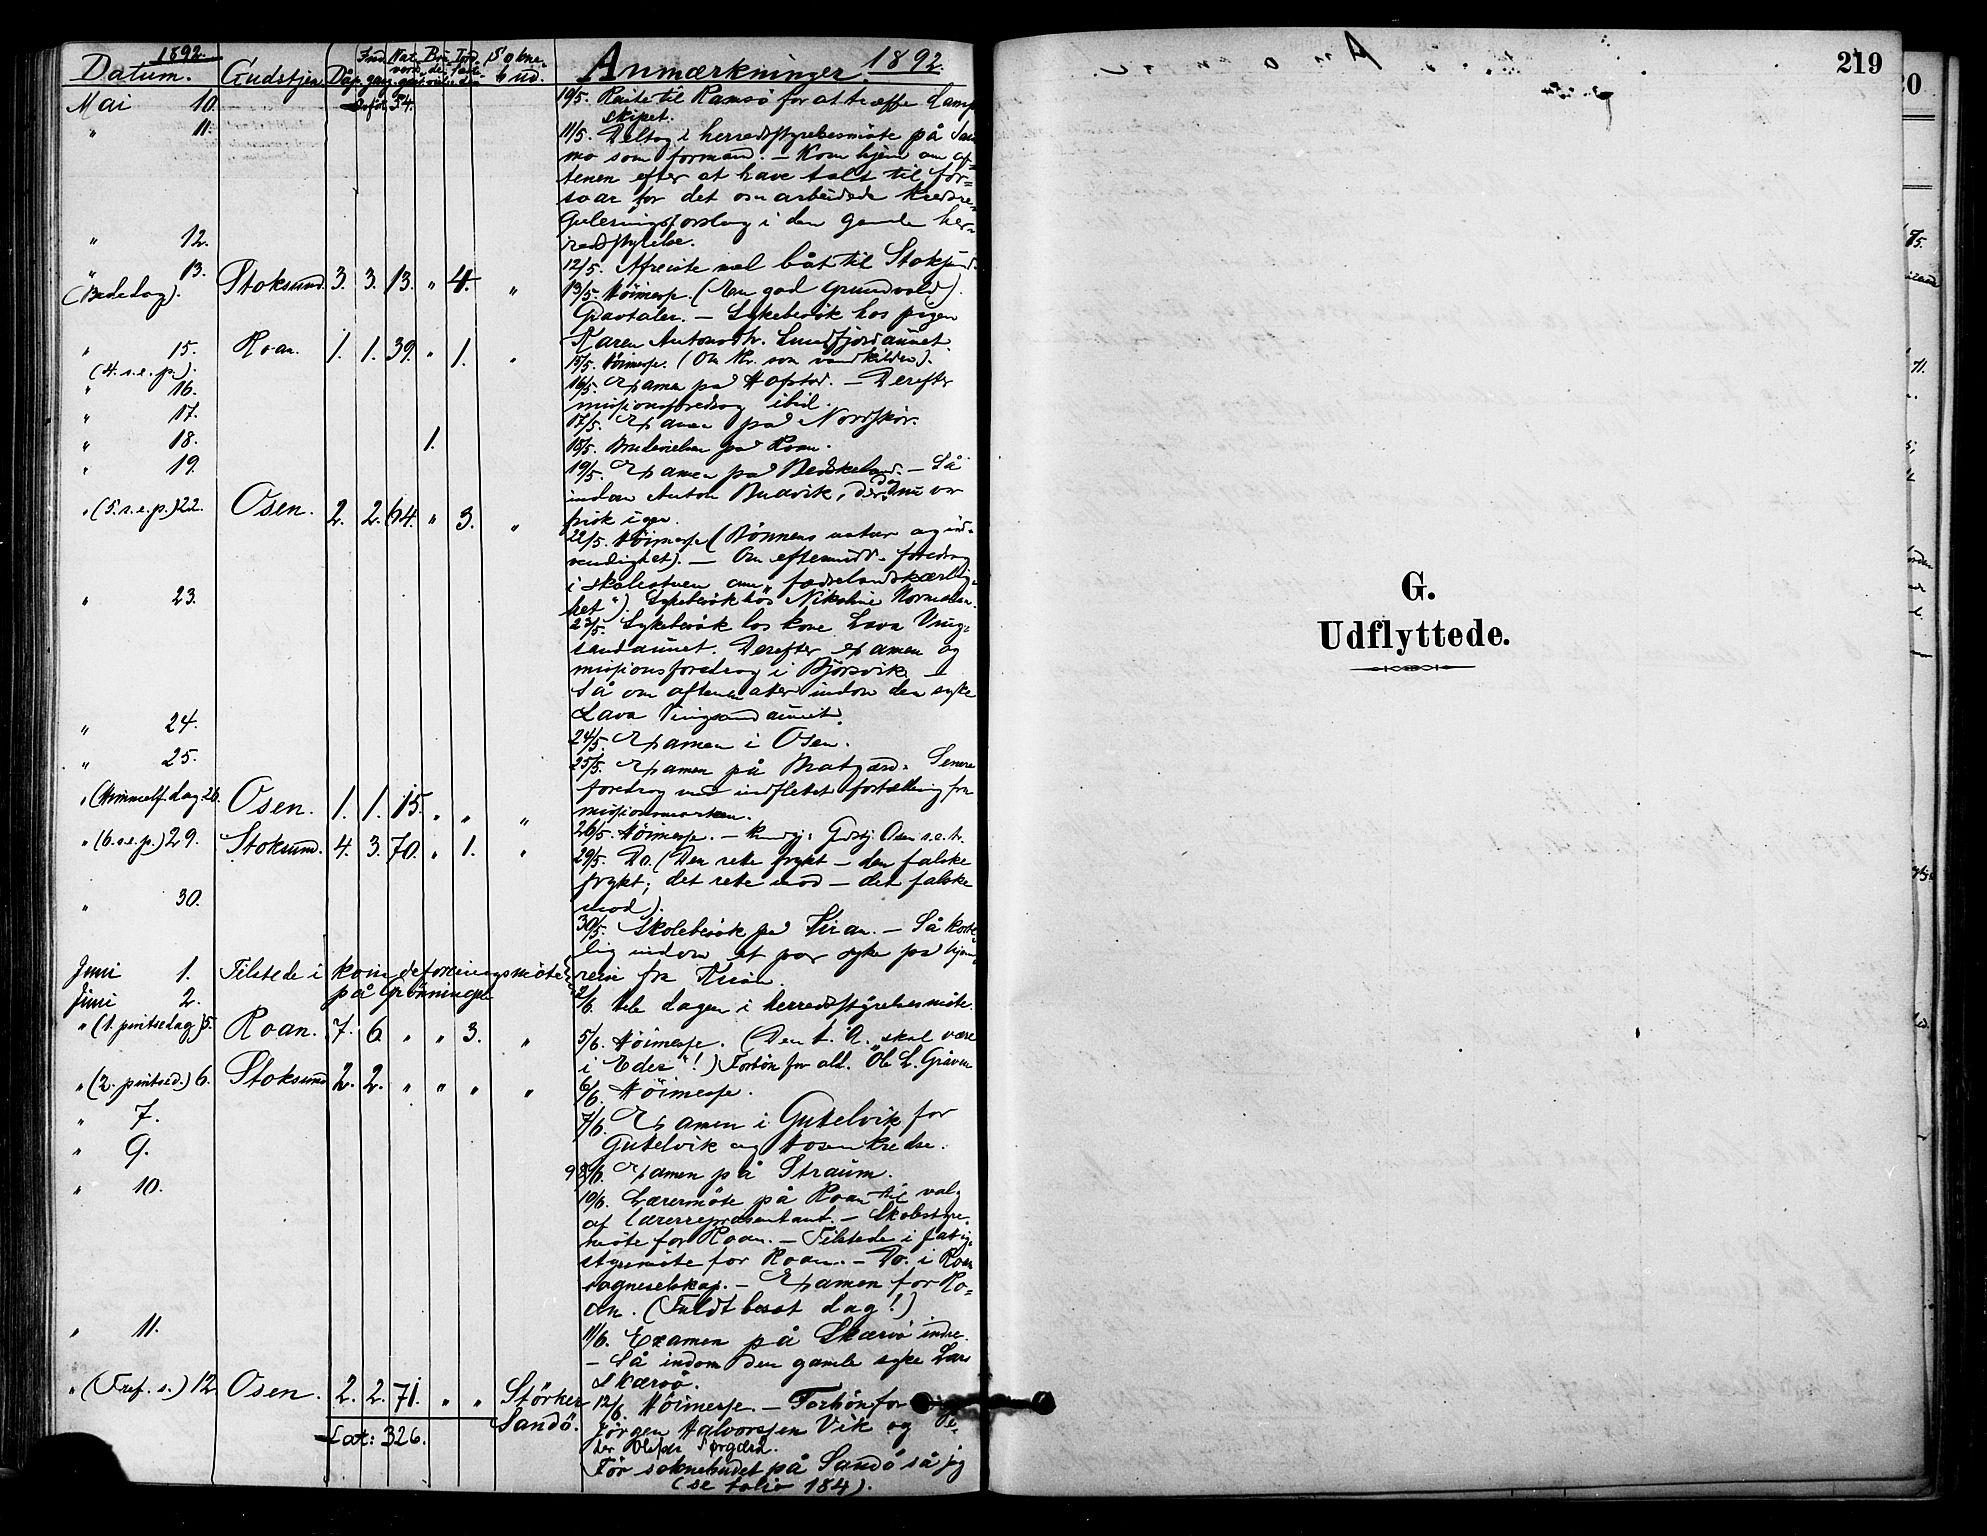 SAT, Ministerialprotokoller, klokkerbøker og fødselsregistre - Sør-Trøndelag, 657/L0707: Ministerialbok nr. 657A08, 1879-1893, s. 219